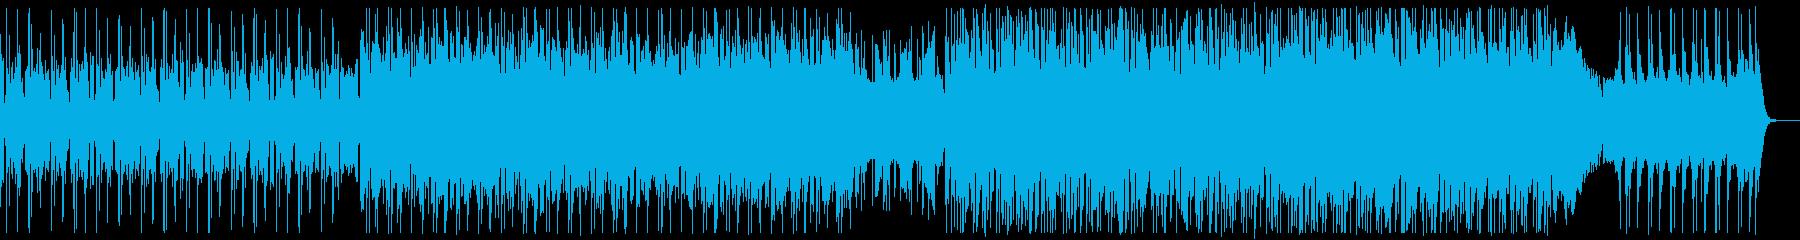 おしゃれロック♪企業VPコーポレートCMの再生済みの波形